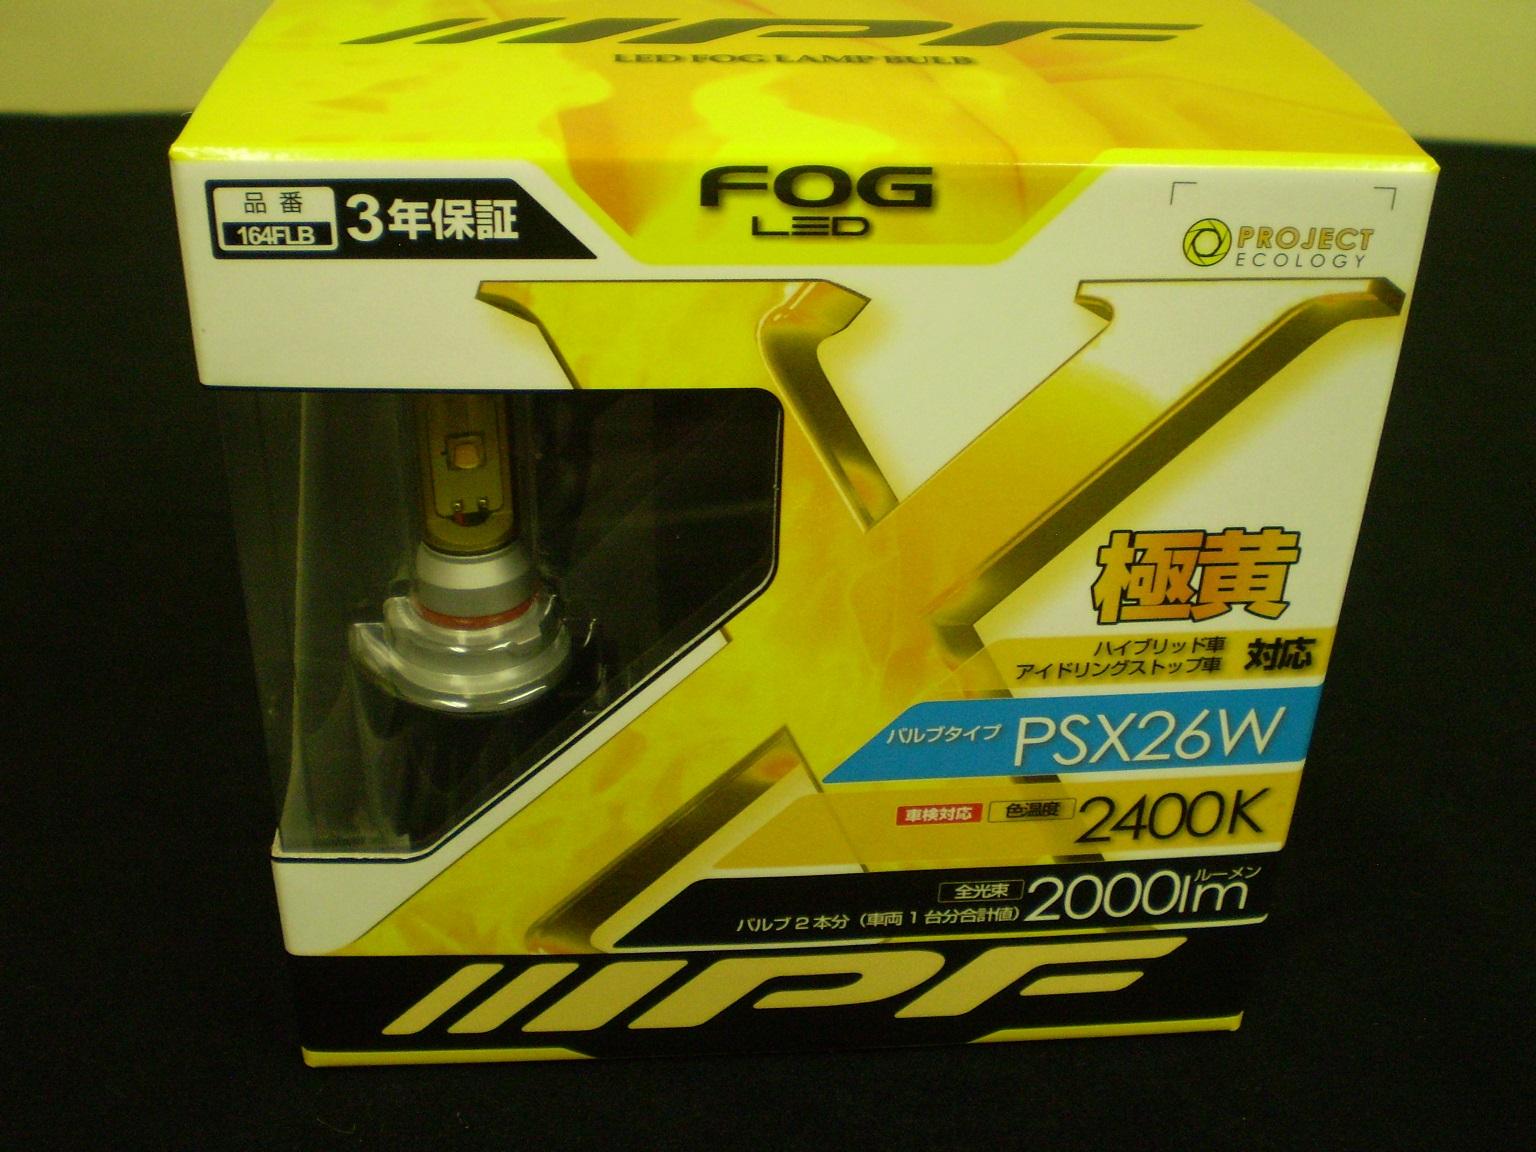 IPF LED フォグ ライト 極黄(ディープイエロー)2400K PSX26W 164FLB 2000ルーメン 車検対応 3年保証 led フォグ ライト【 02P05Nov16 】